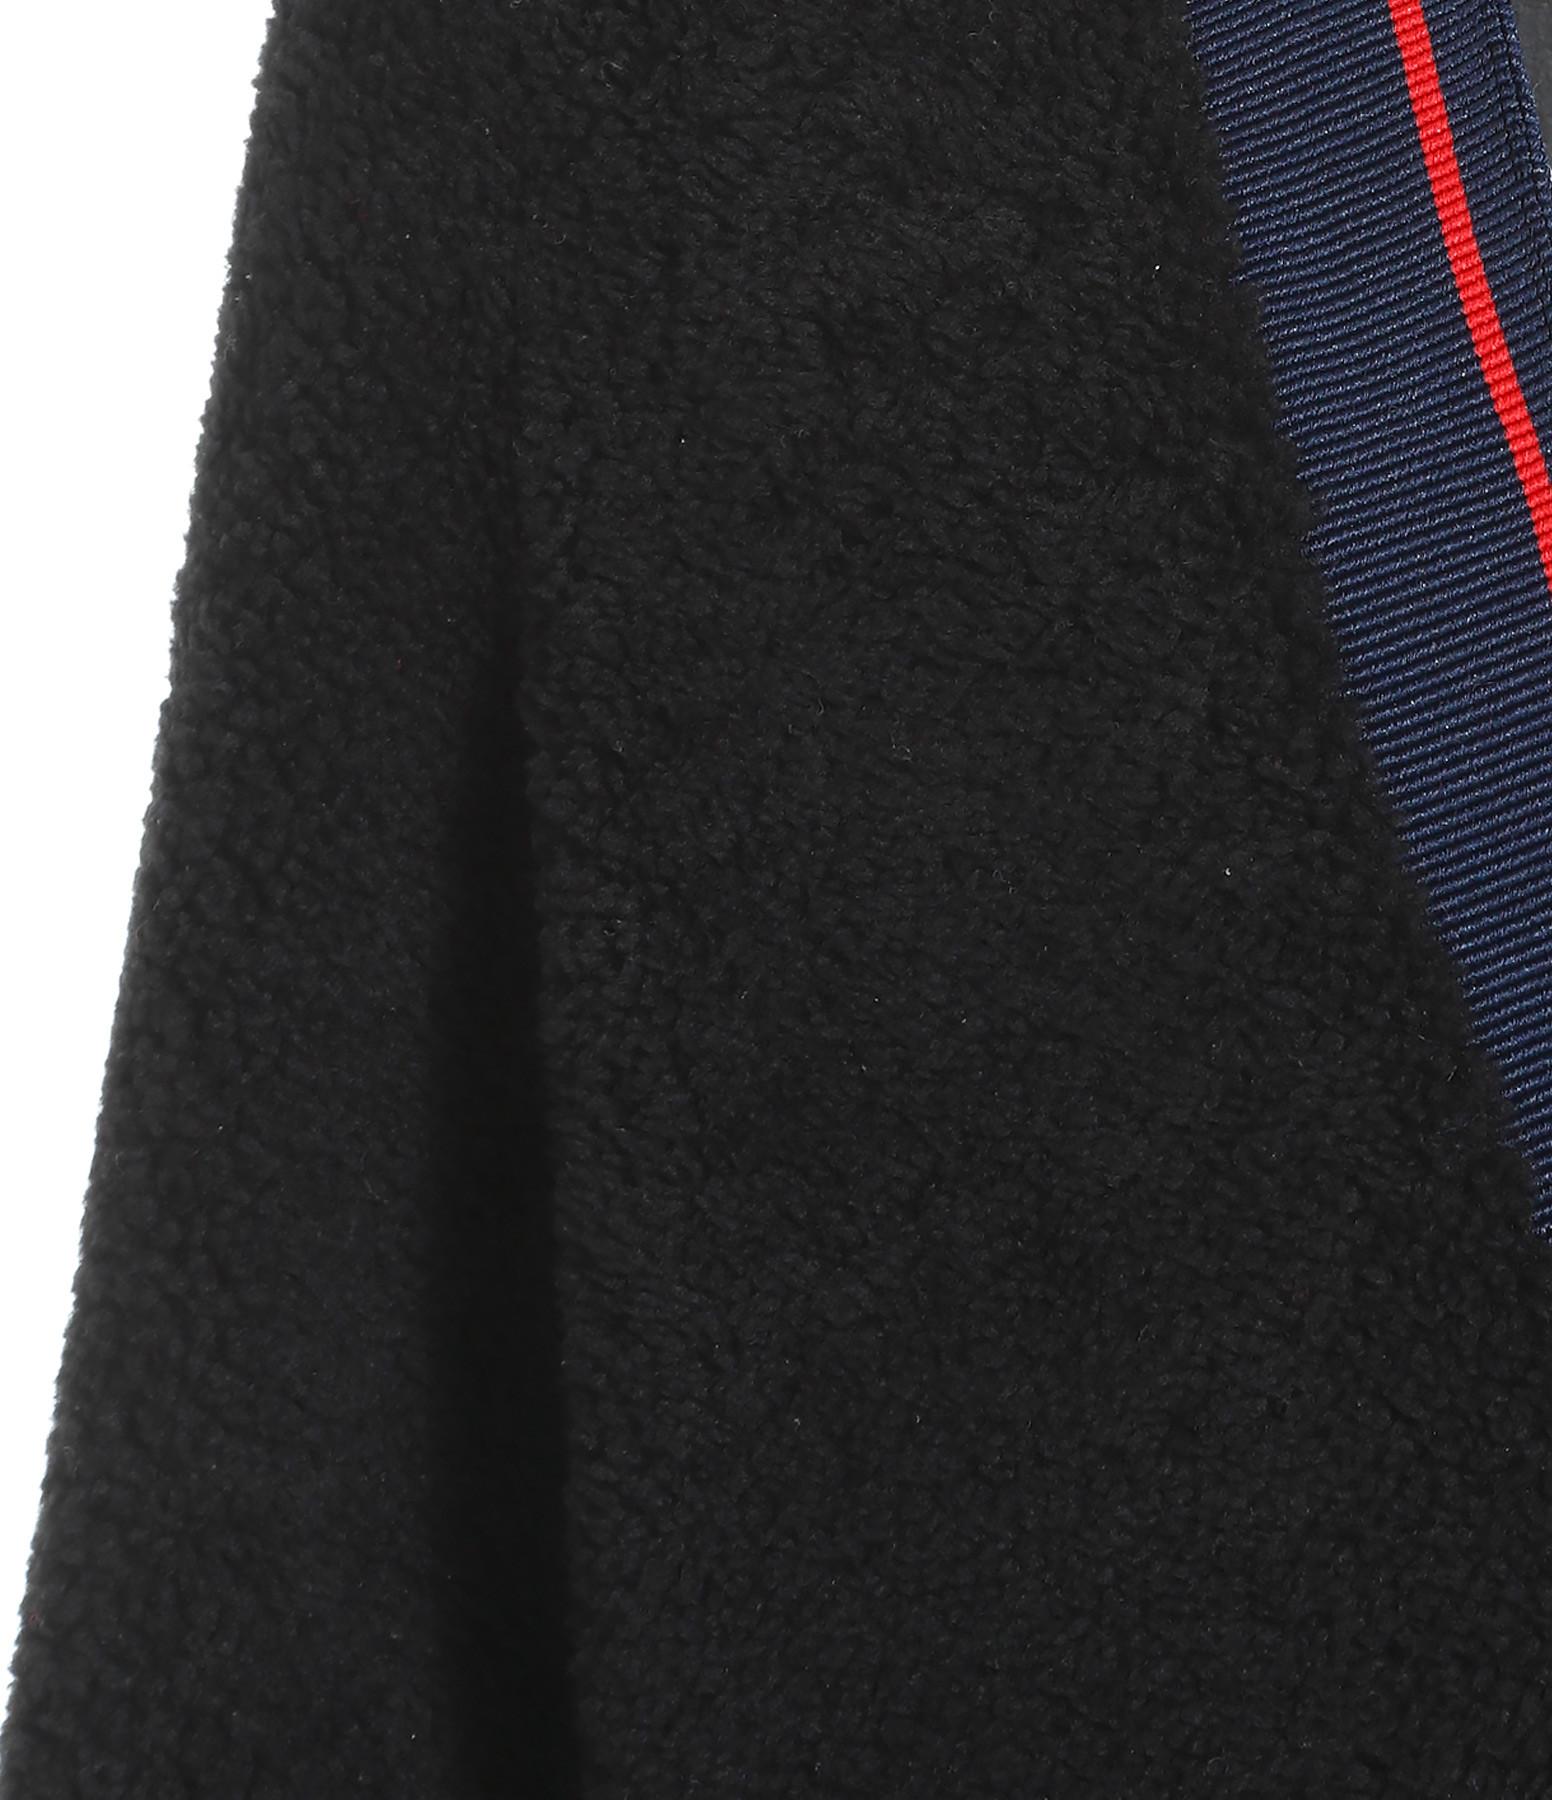 INES & MARECHAL - Manteau Delicieuse Merinos Boucle Noir